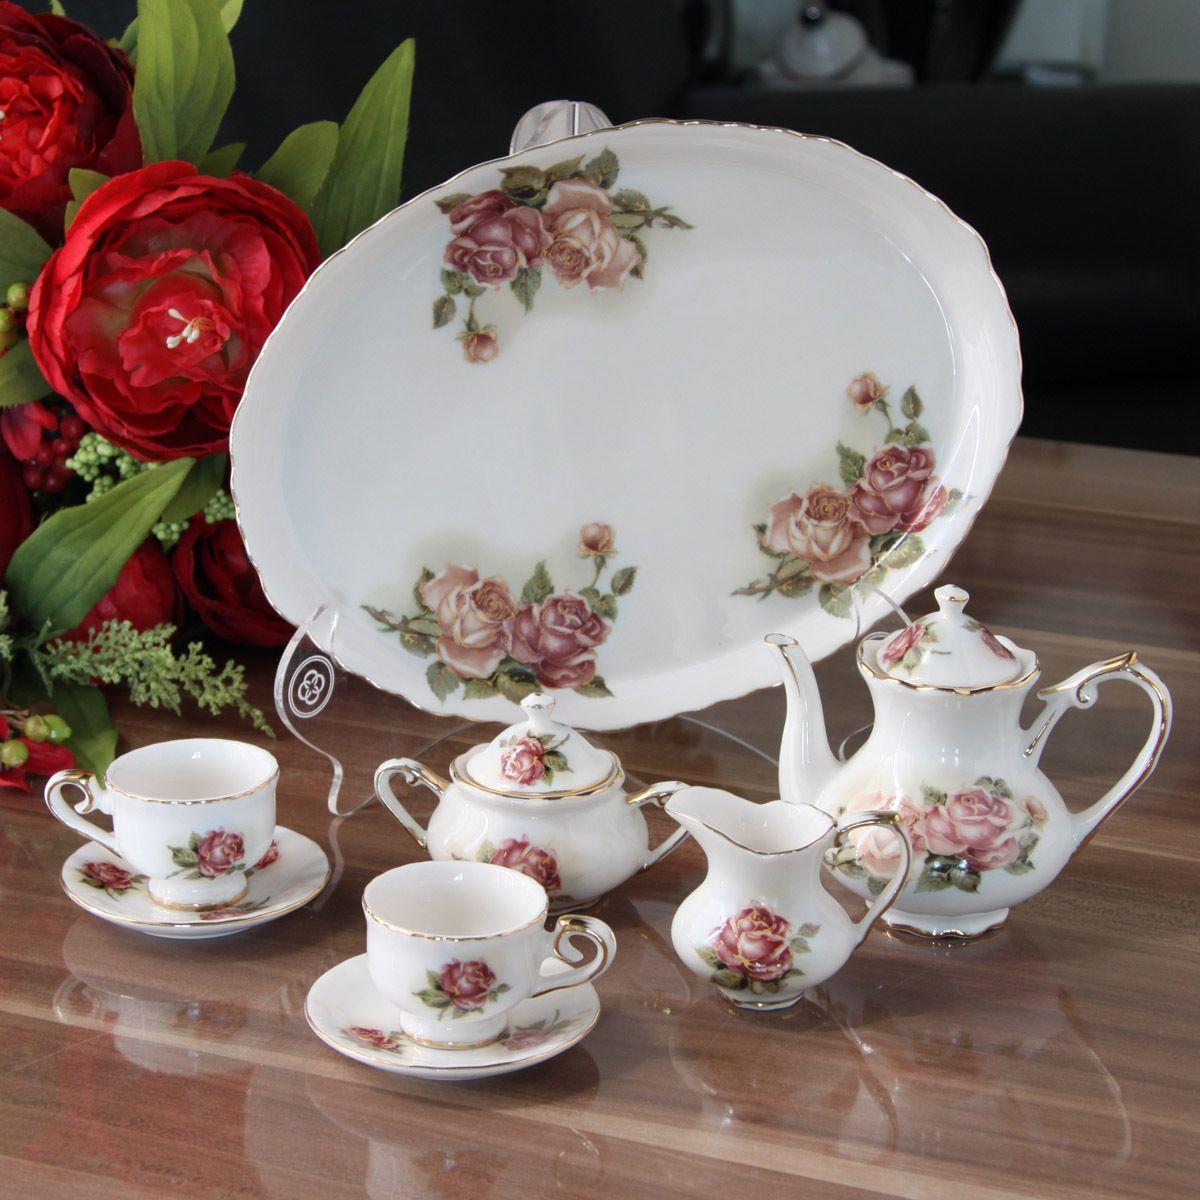 double ok tea | porcelana mini juegos de té de olla el azúcar de la leche teaberries ...